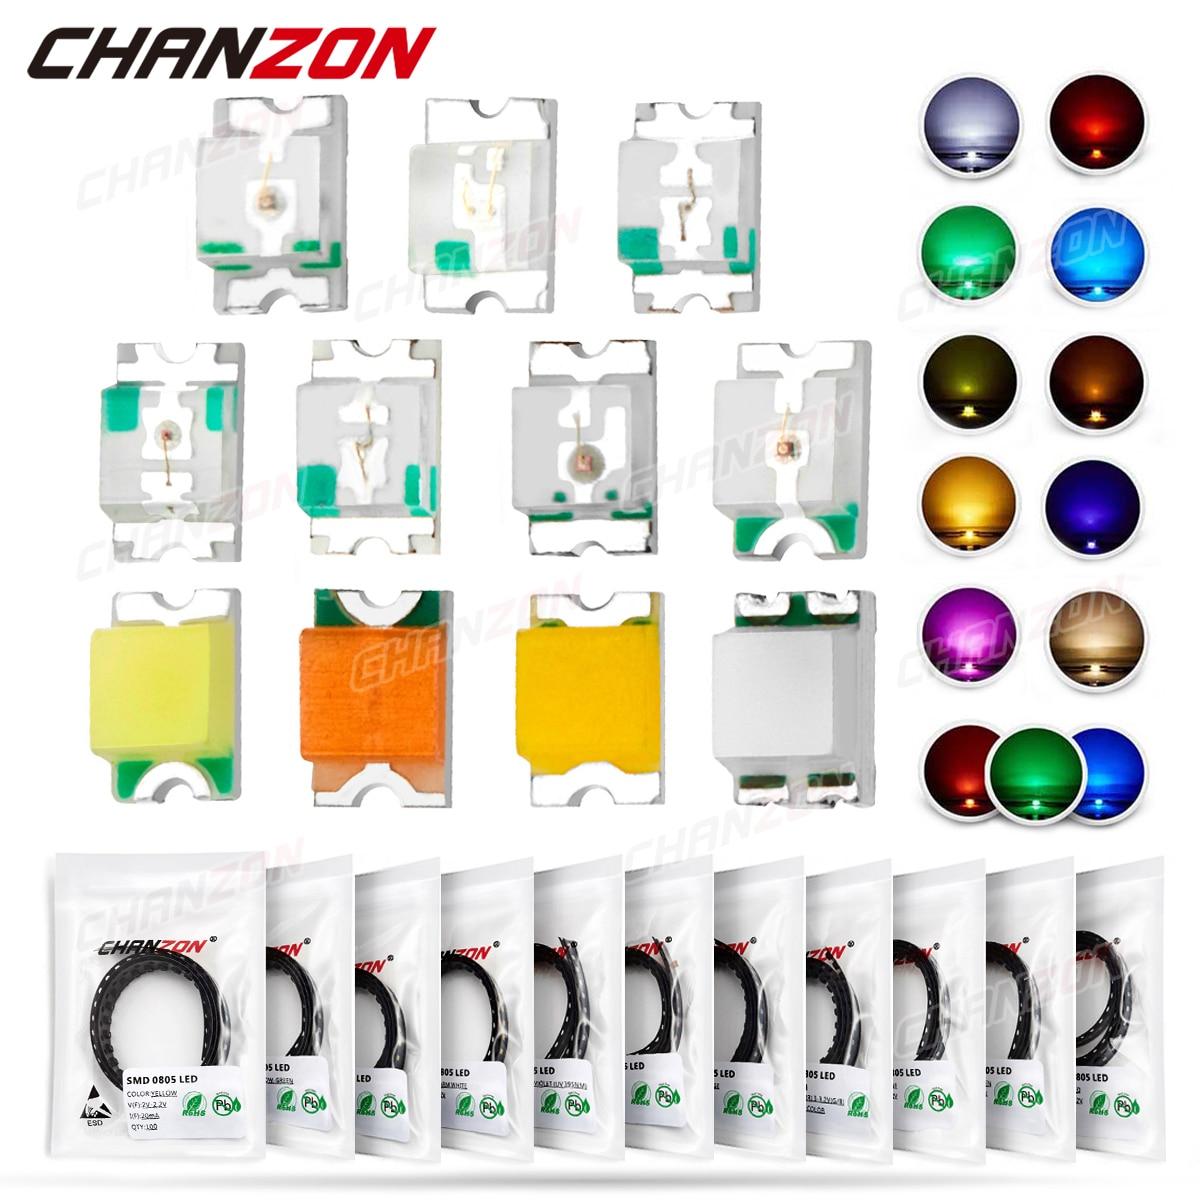 100 шт. 0805 (2012) SMD СВЕТОДИОДНЫЙ излучающий диод в комплекте, чип лампы светильник световые бусины, теплый белый, красный, зеленый, синий, желтый, ...